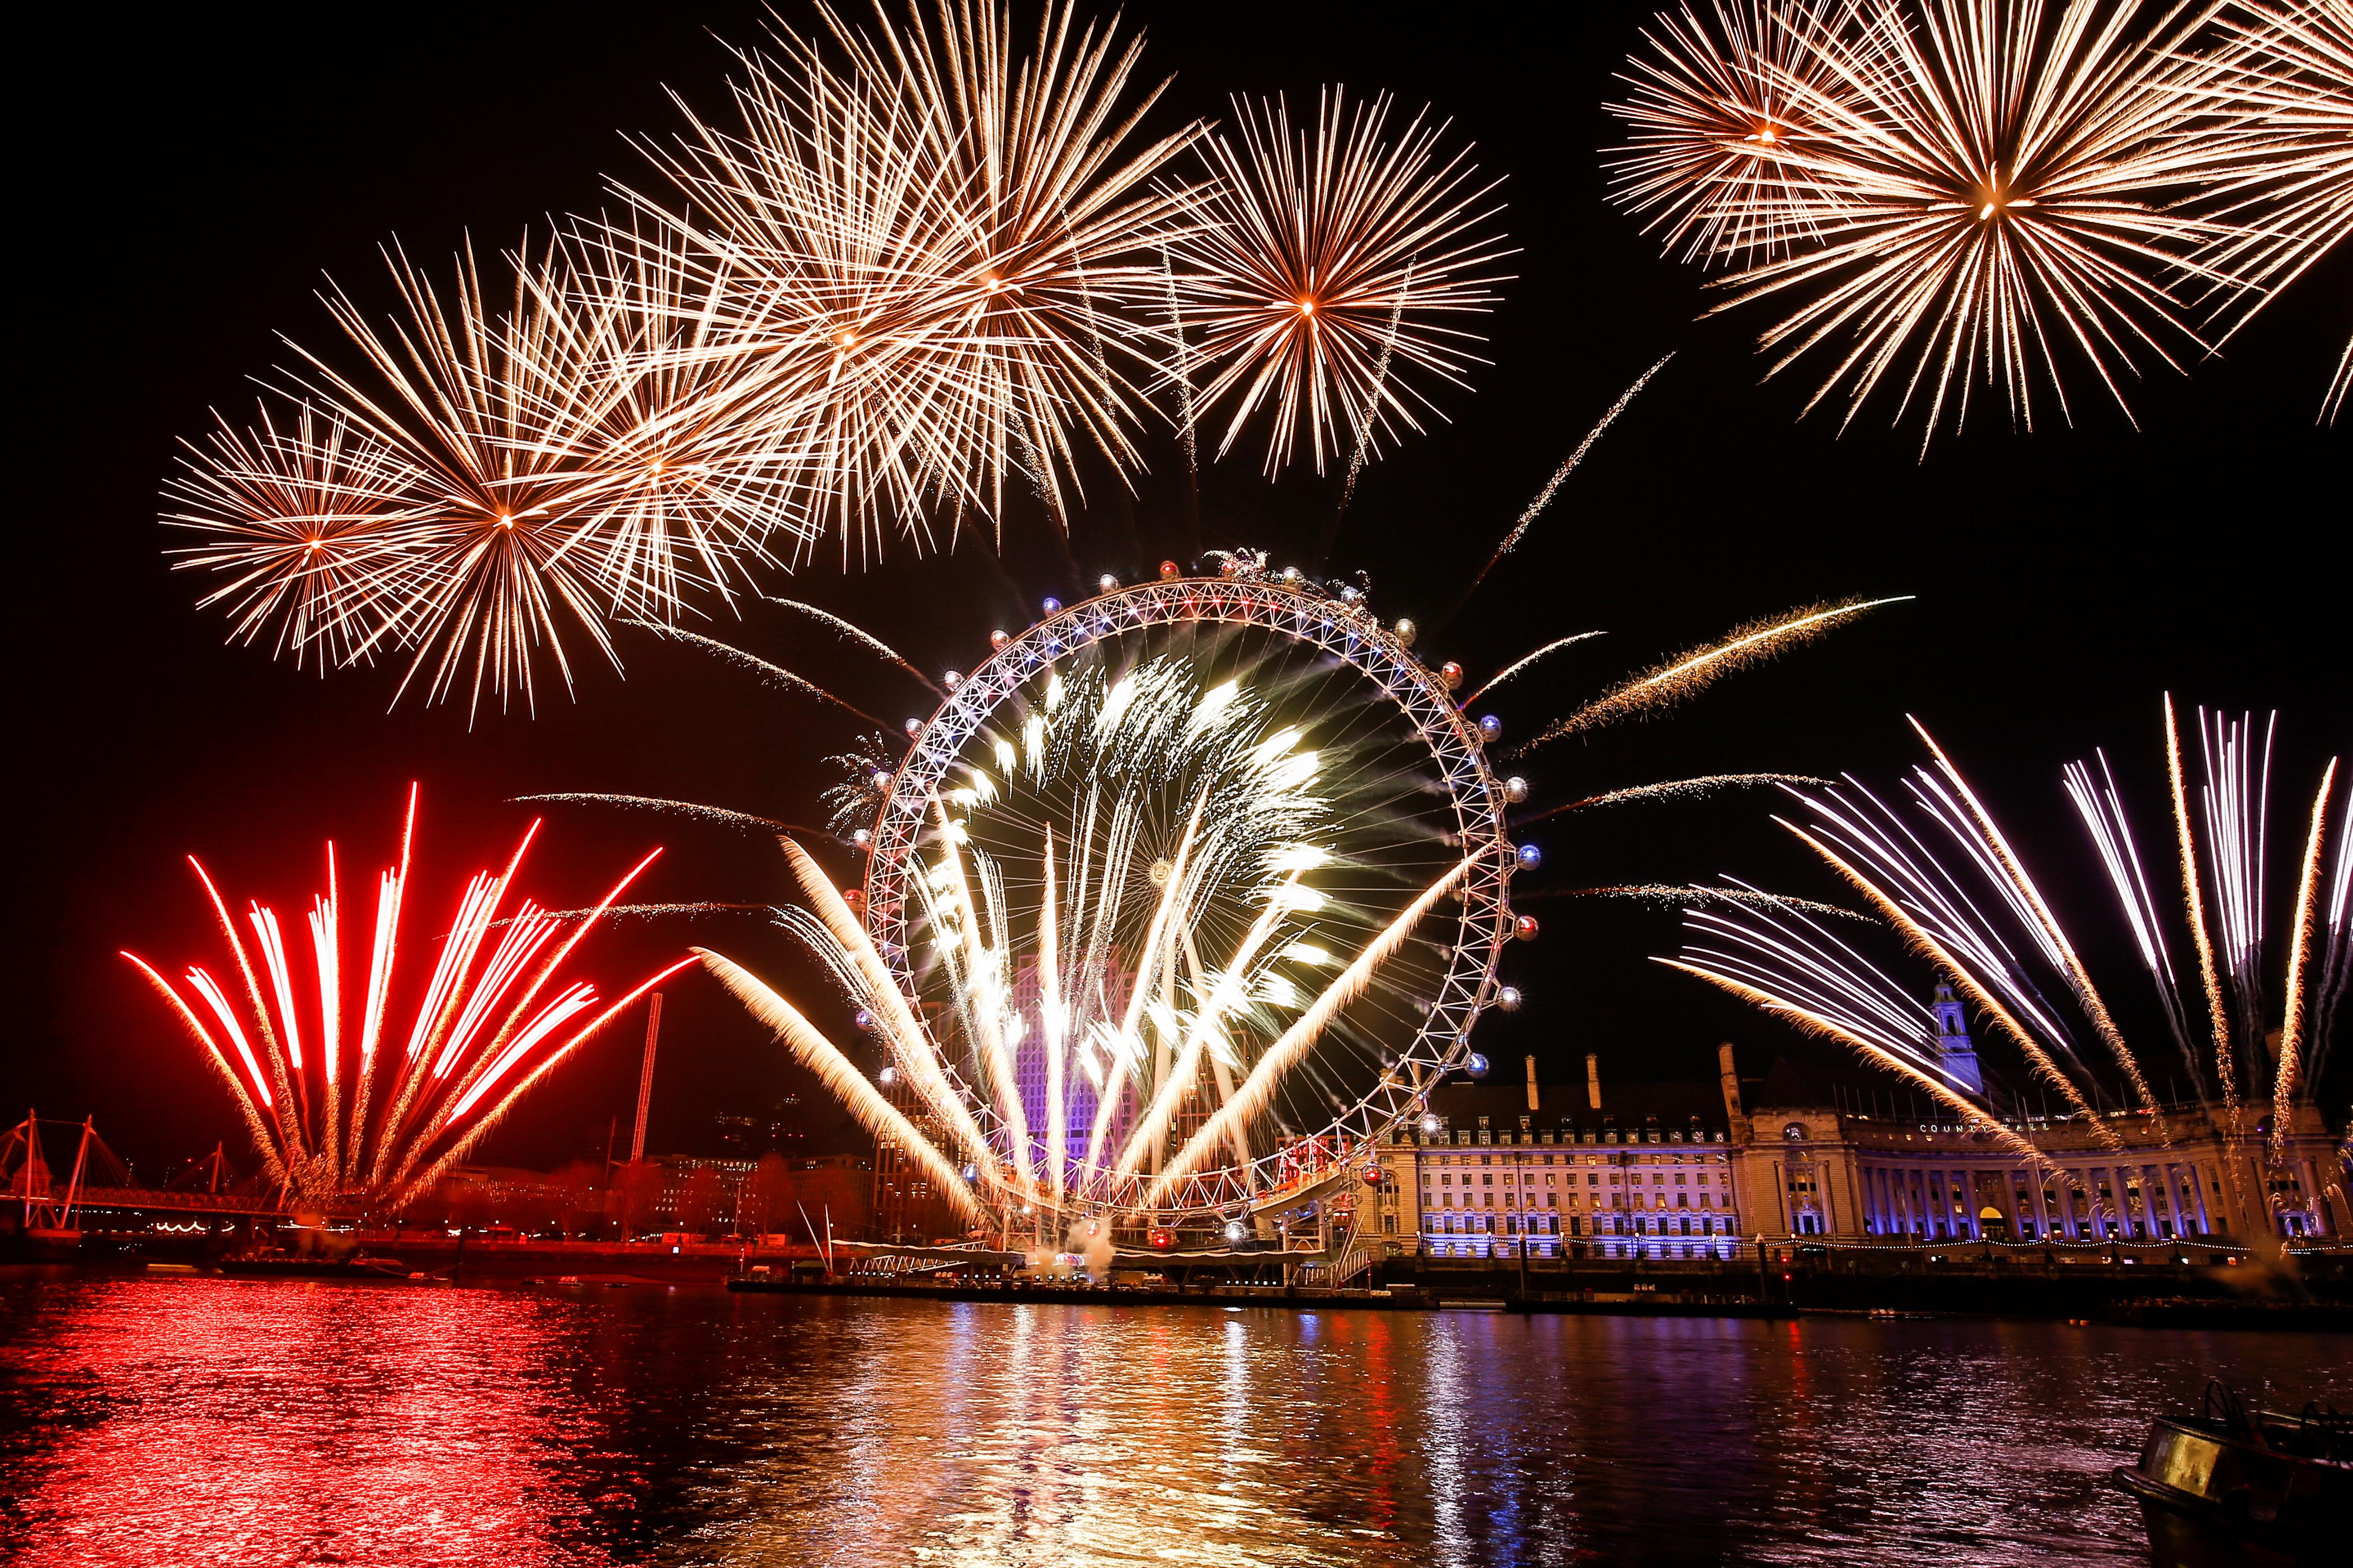 Los británicos festejaron la llegada del 2020 con un espectáculo de fuegos artificiales junto al London Eye (REUTERS/Henry Nicholls)